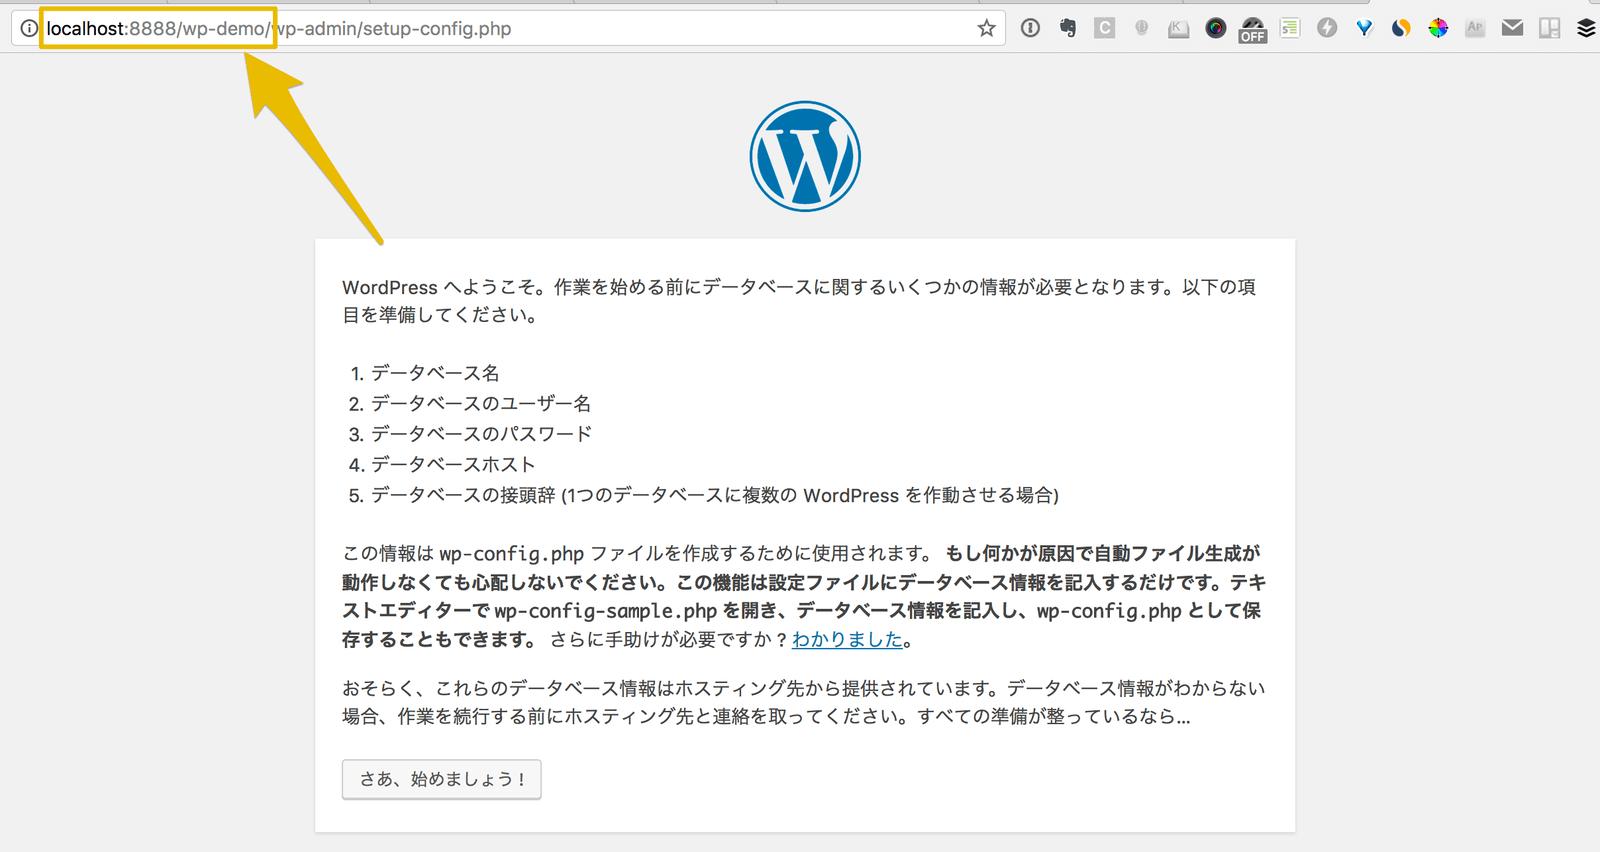 localhost以下のフォルダにアクセスしてWordPressのインストール作業を進めます